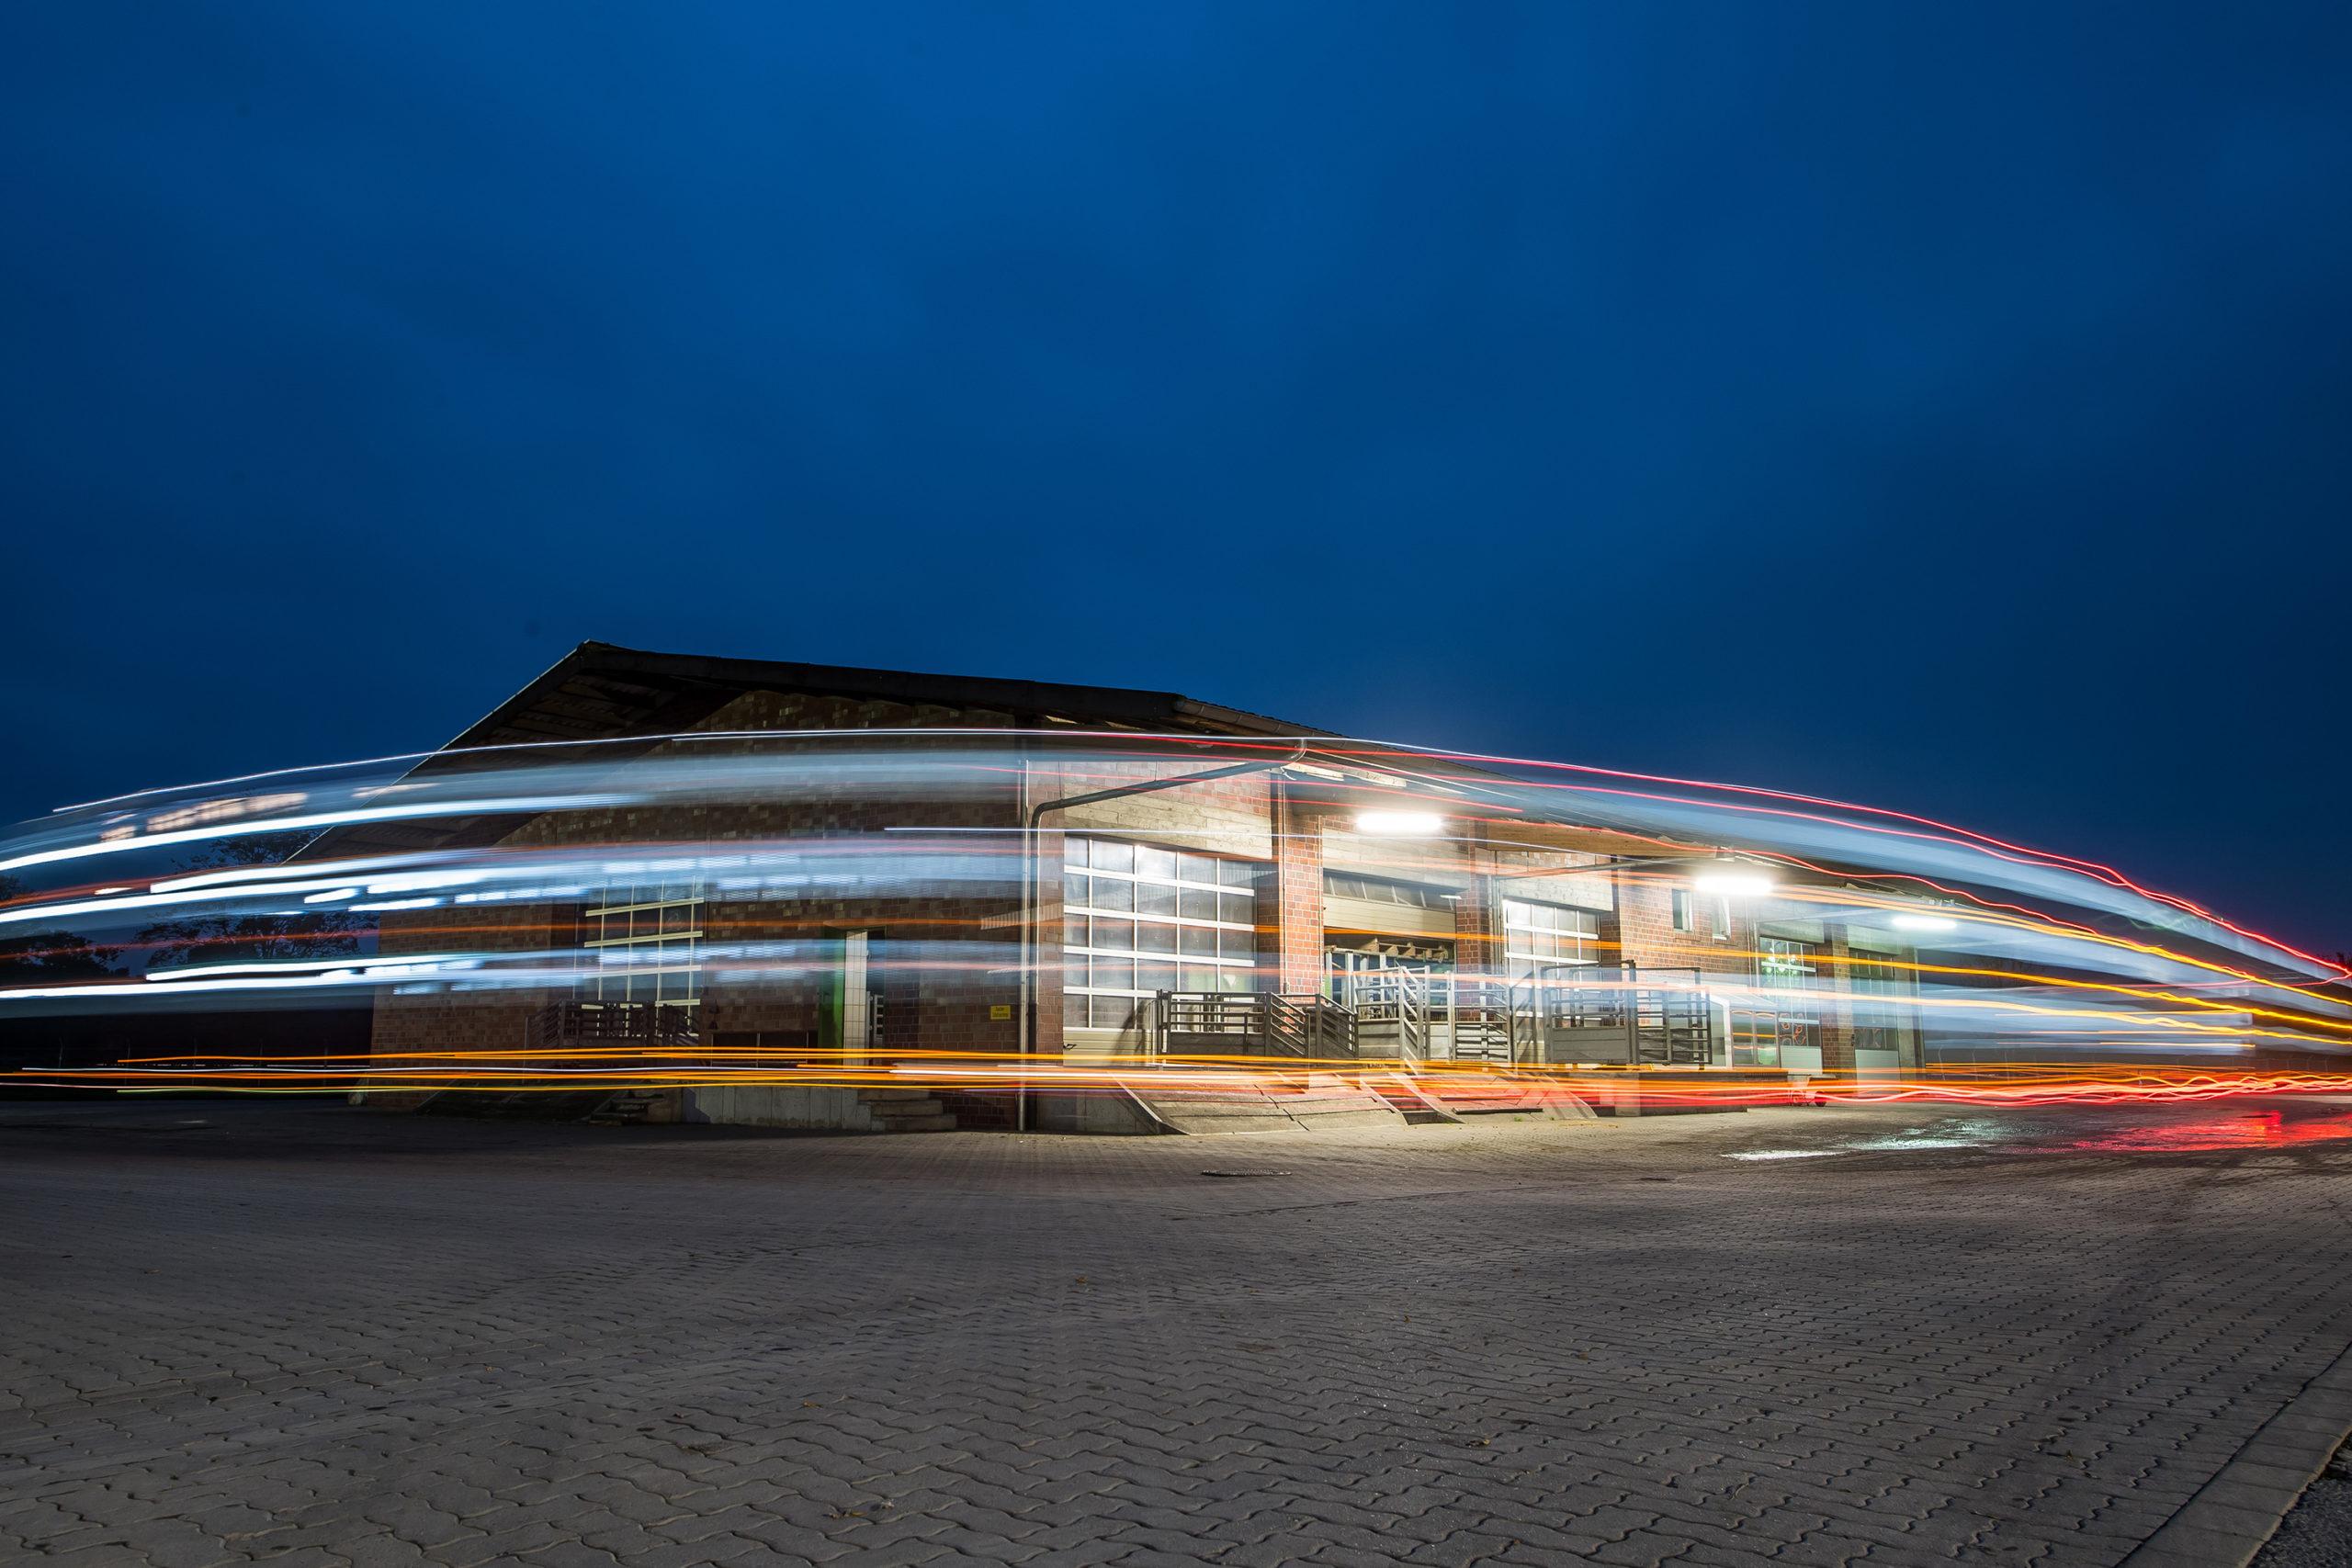 RVG – Raiffeisen Viehvermarktung GmbH in Enniger am 17.10.2017